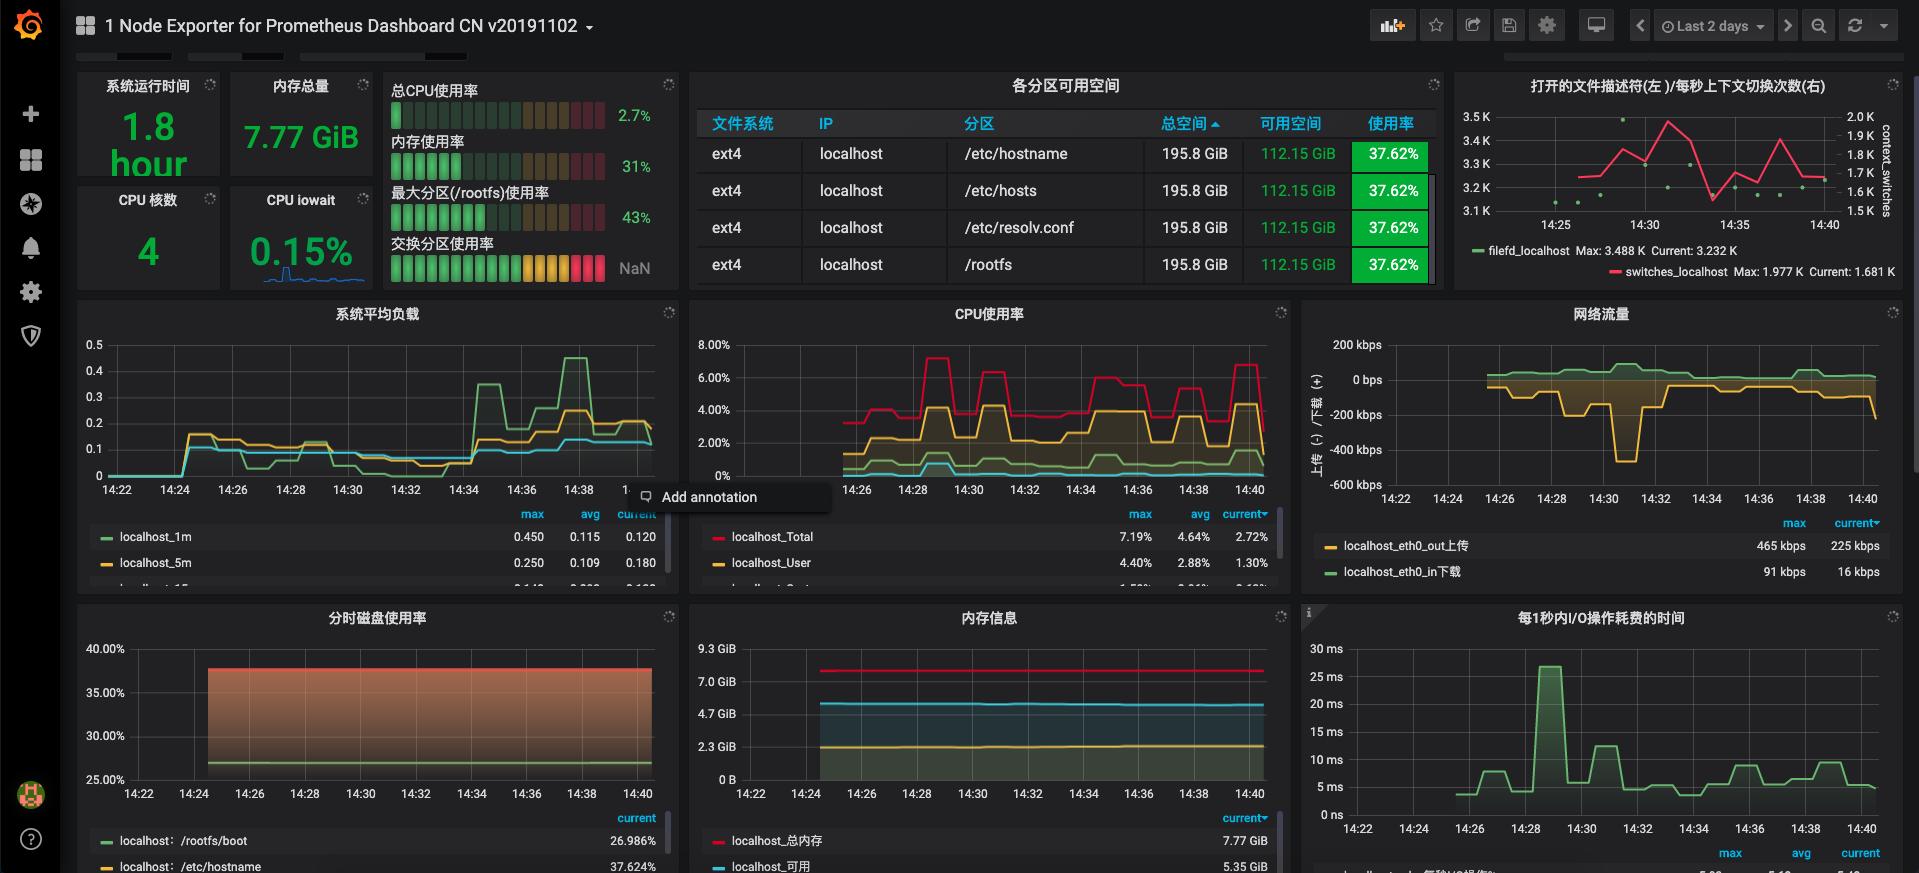 高端分布式探针|Prometheus+Grafana|大屏显示|界面酷炫|多用户|部分中文